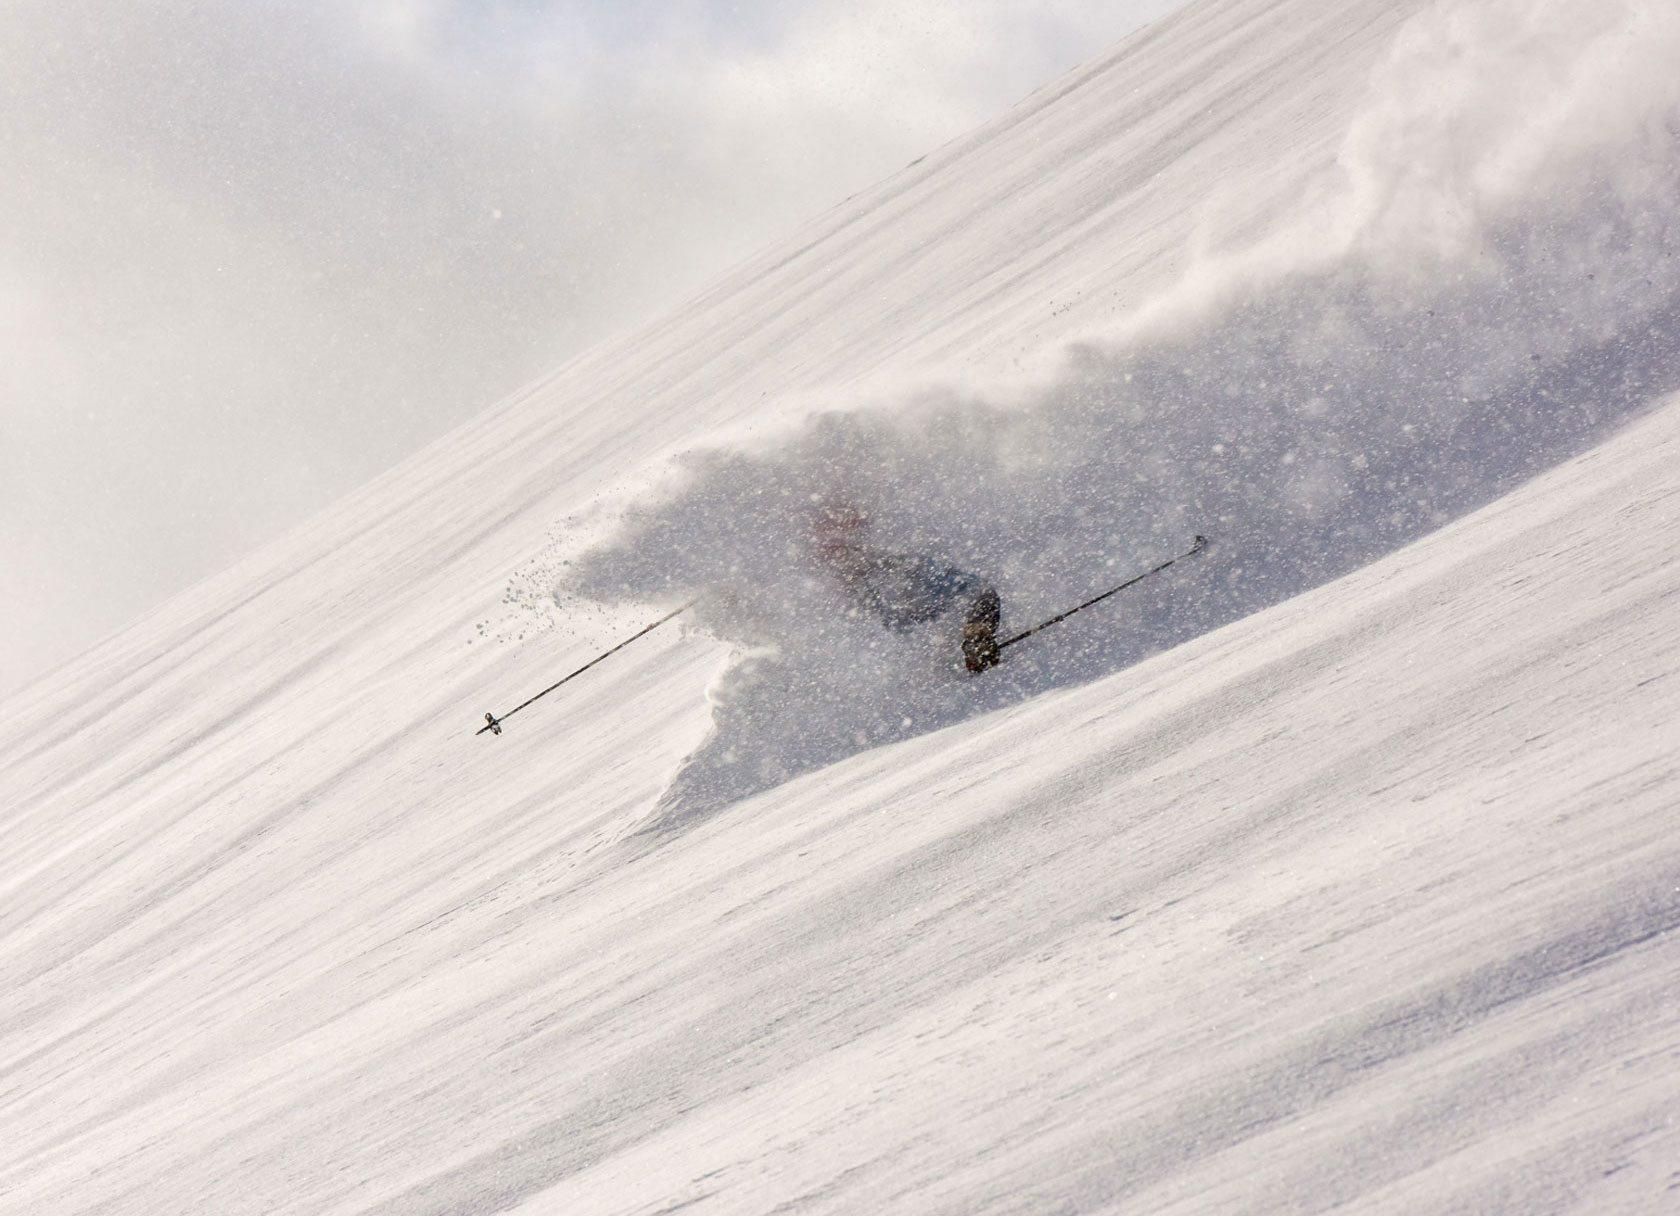 Cat Skiing Colorado